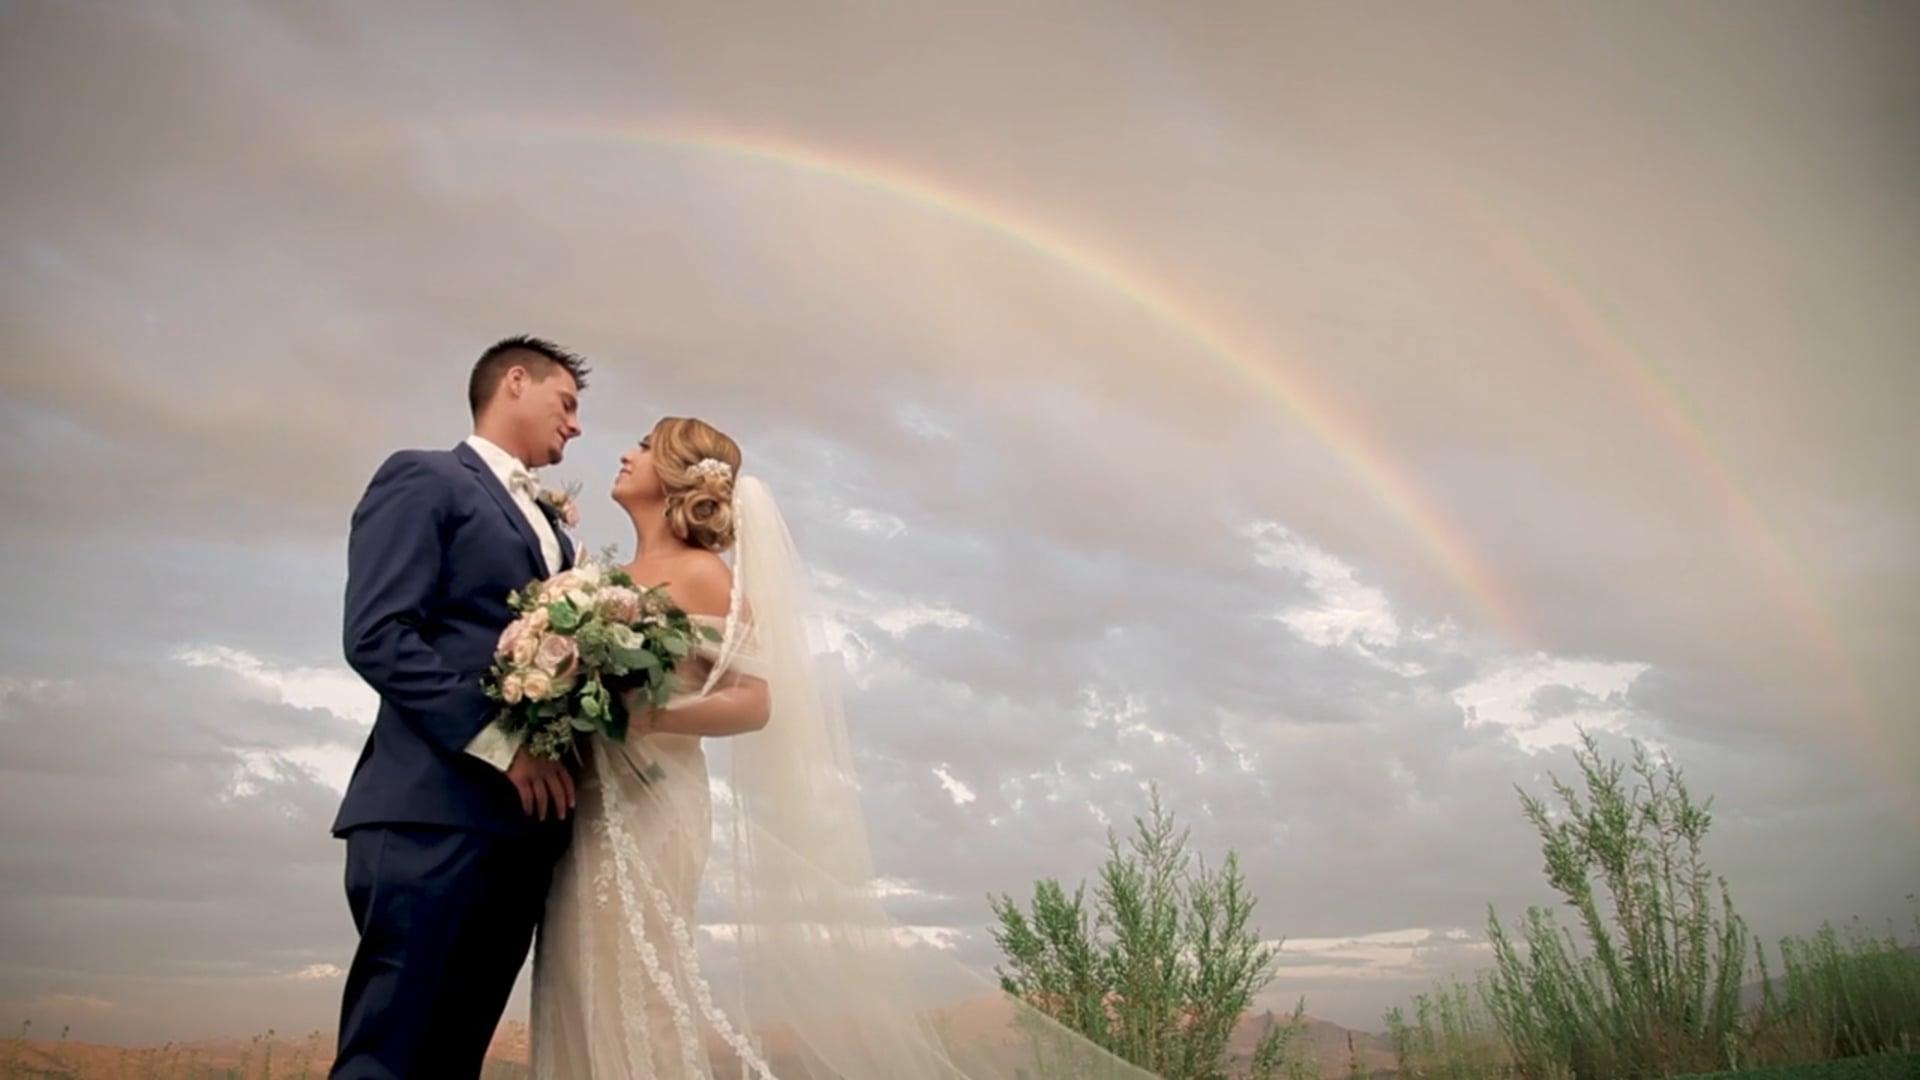 A California Rainbow Clears the Rain on an Unforgettable Evening | Dajana & Tony